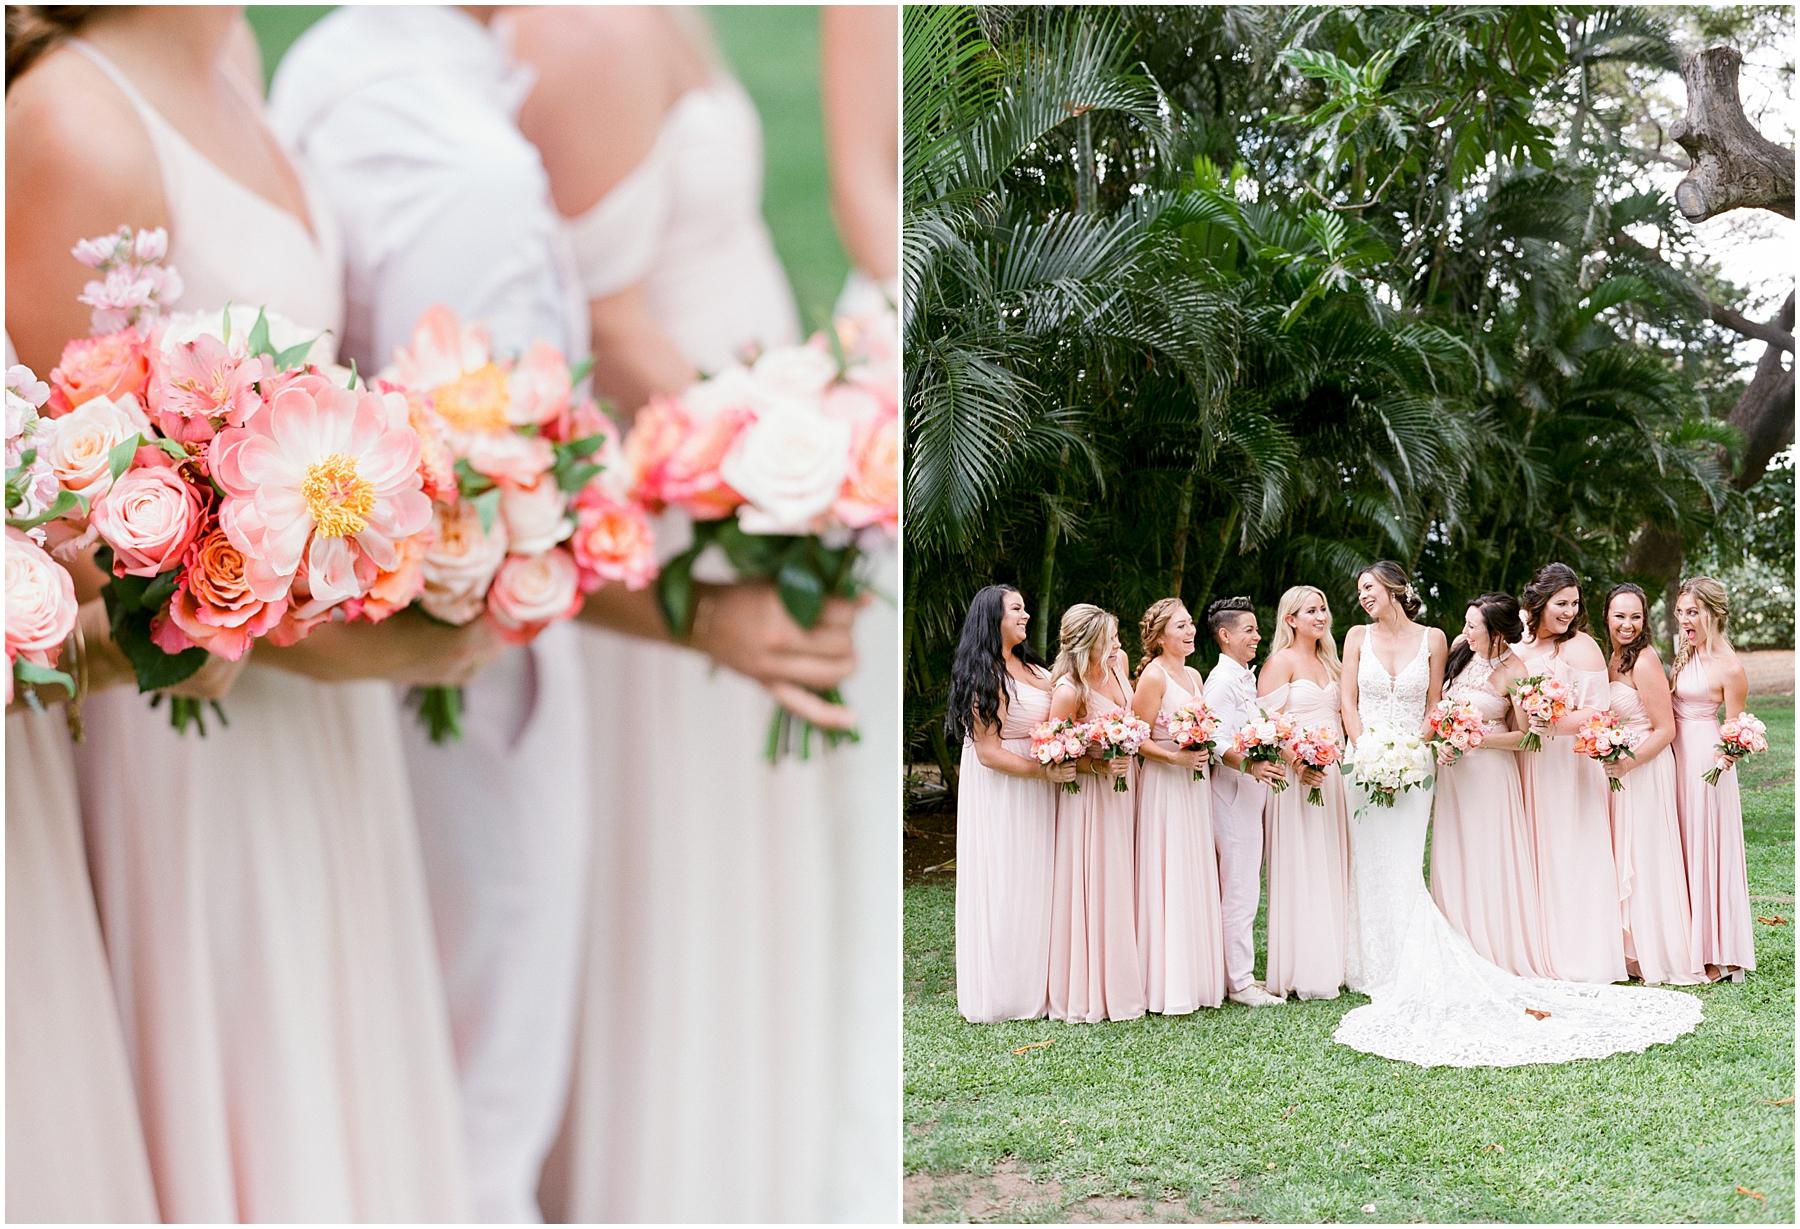 Olowalu-plantation-house-maui-hawaii-wedding-71.jpg